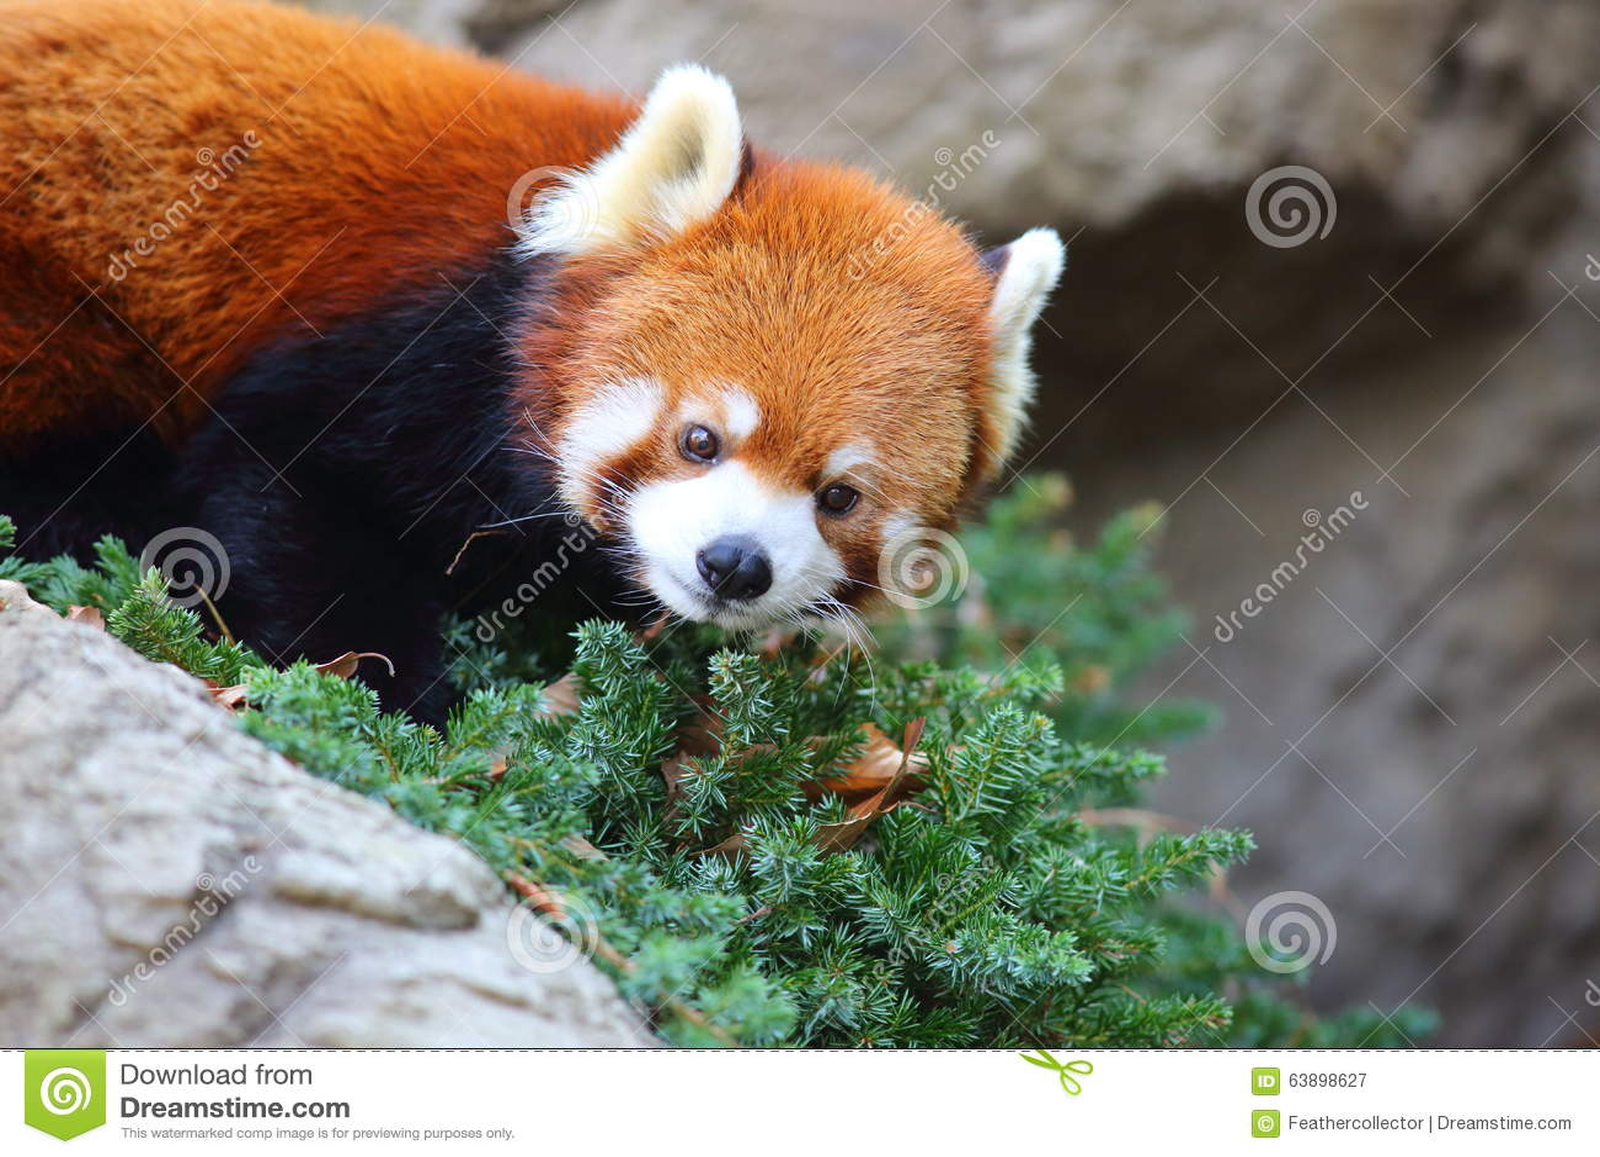 Bär des roten Pandas